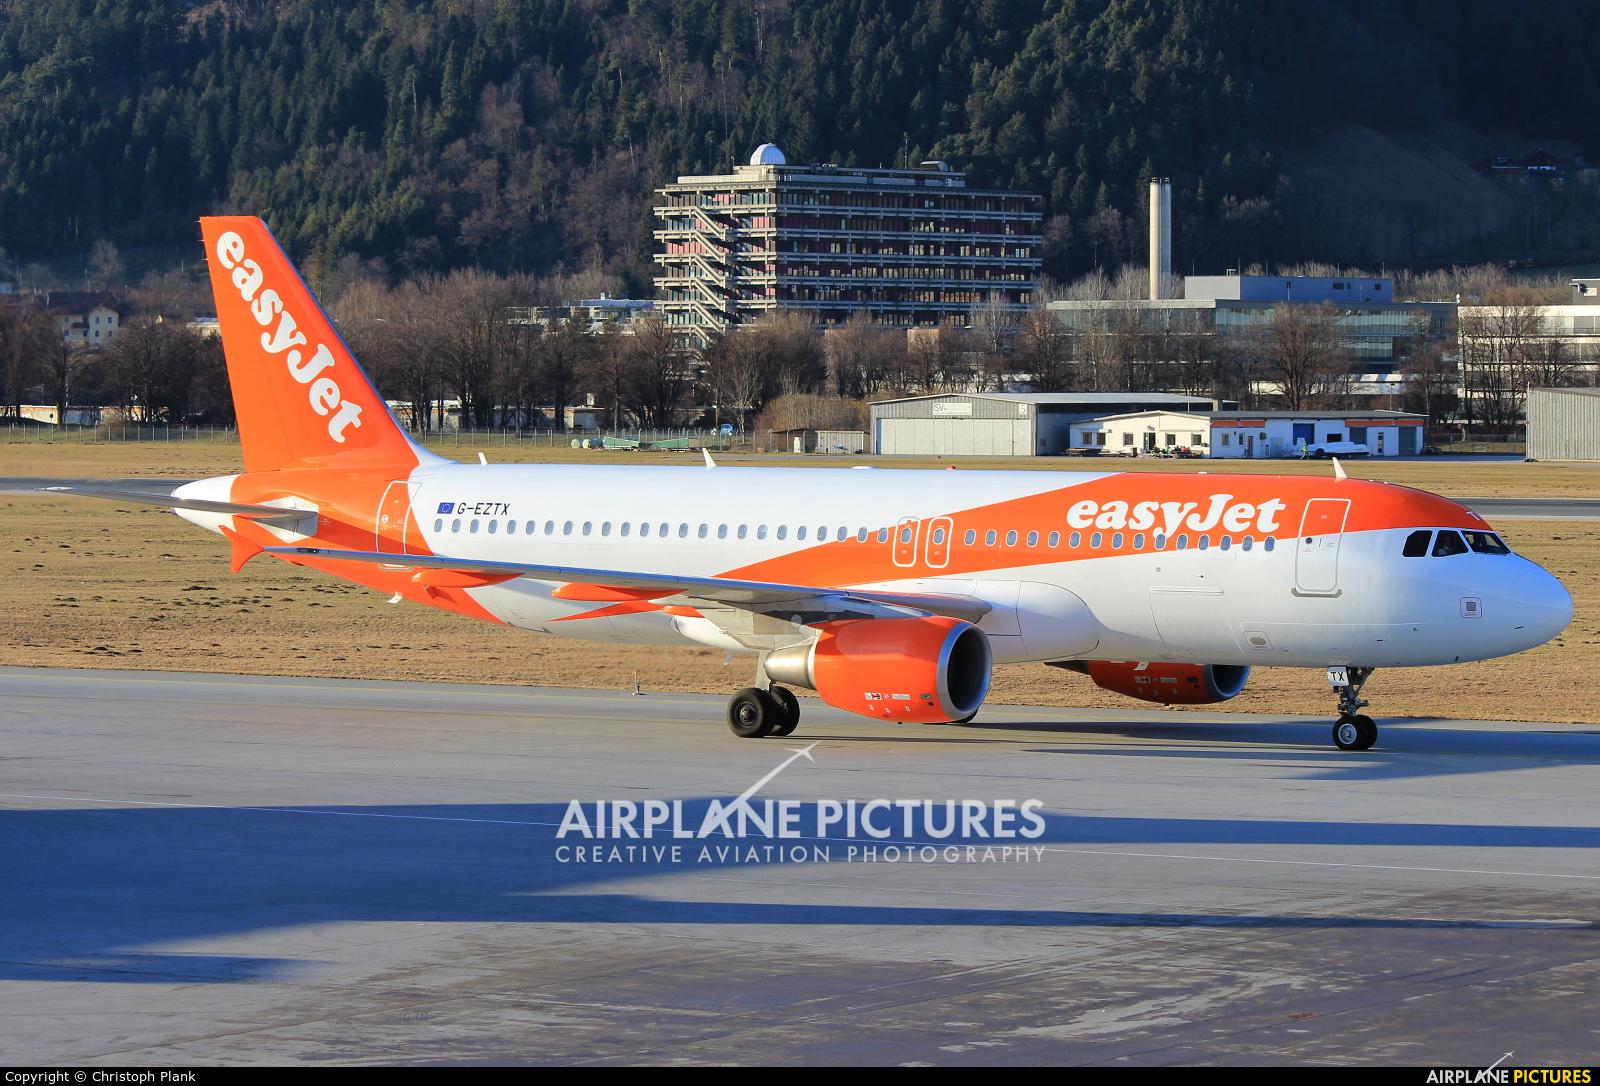 easyJet G-EZTX aircraft at Innsbruck